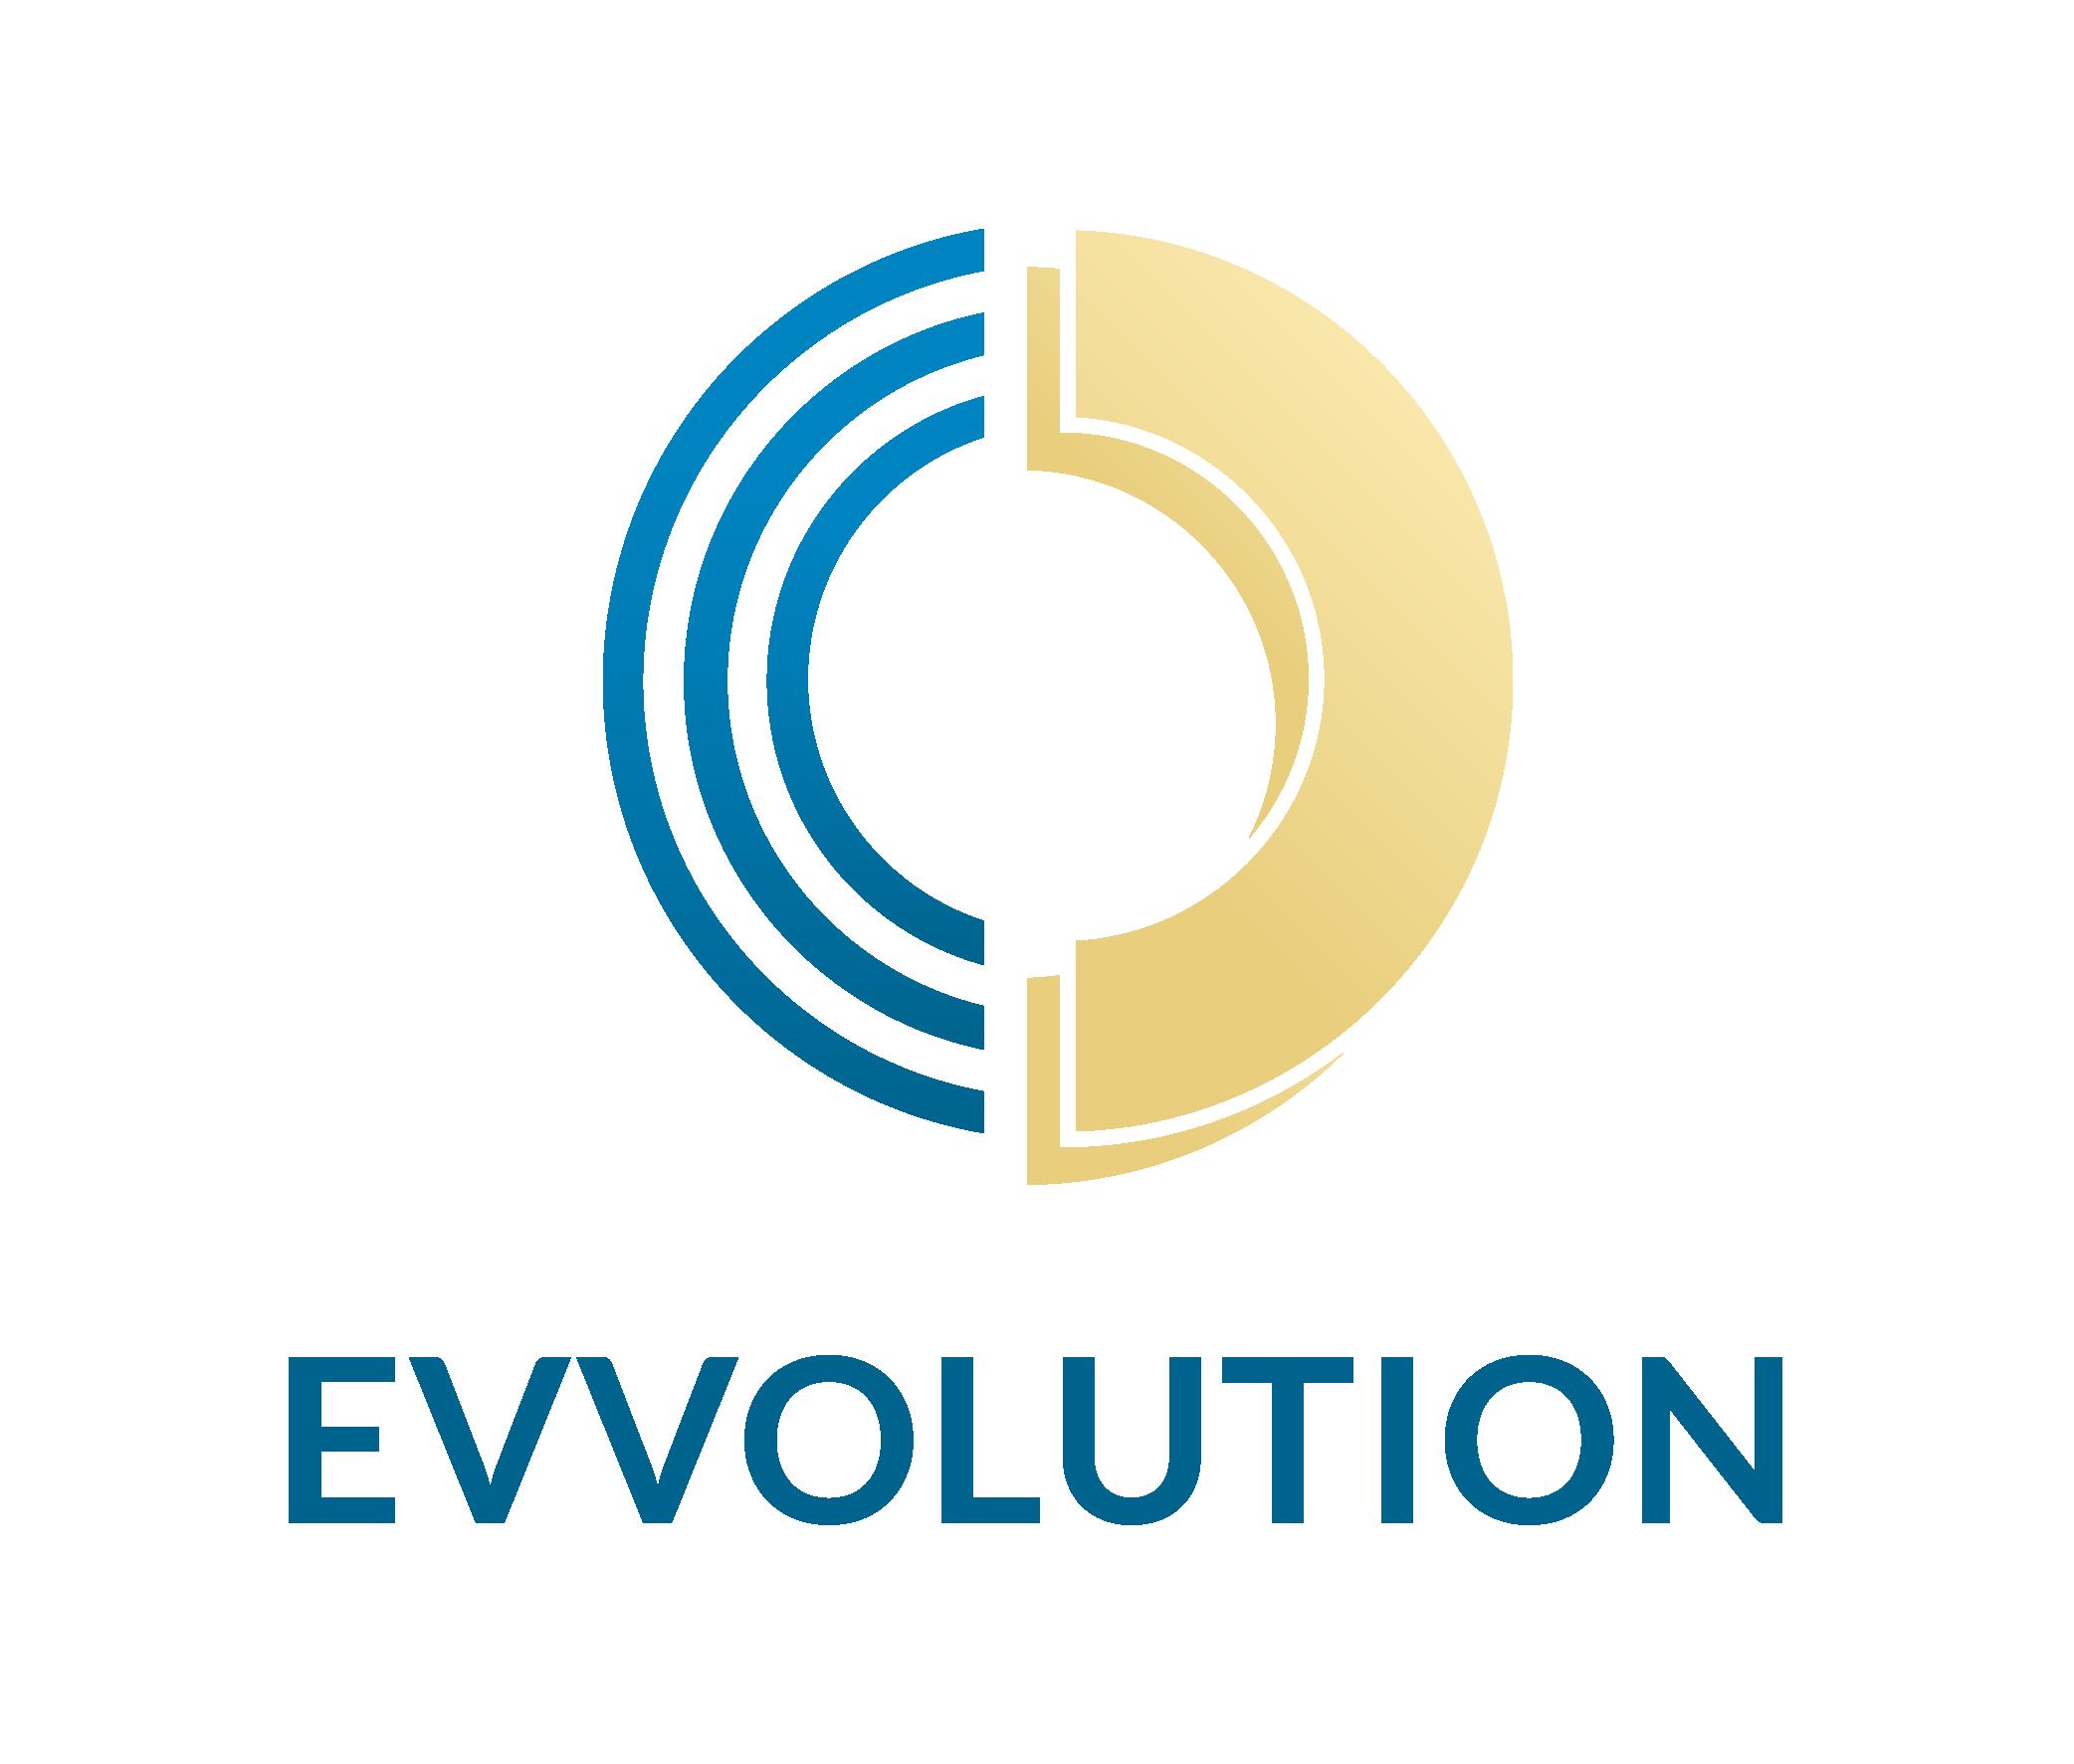 Evvolution